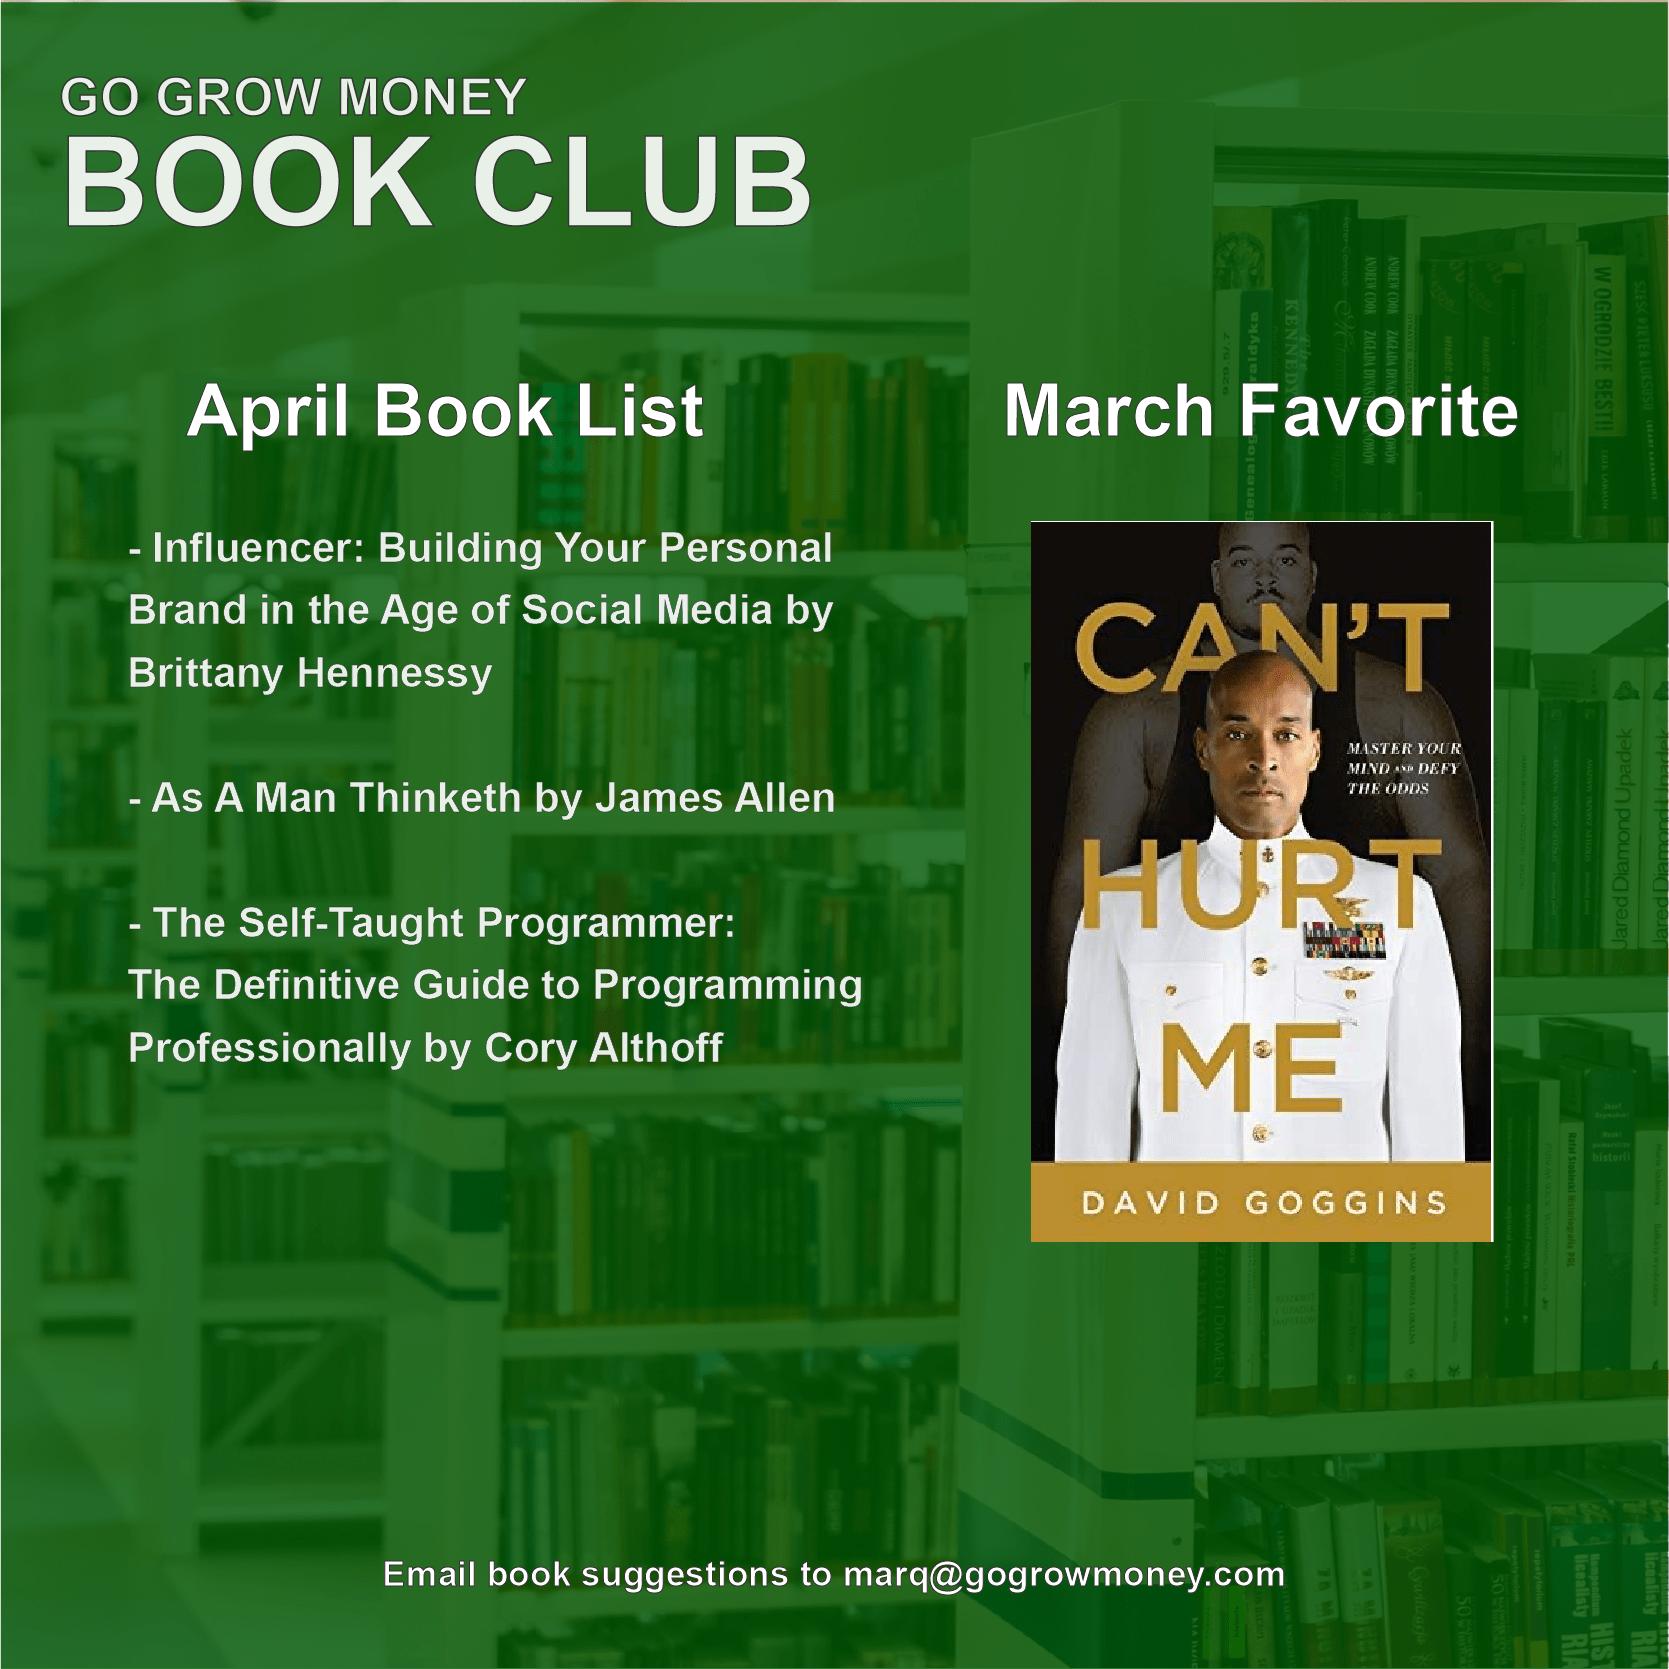 April Book Club - Go Grow Money